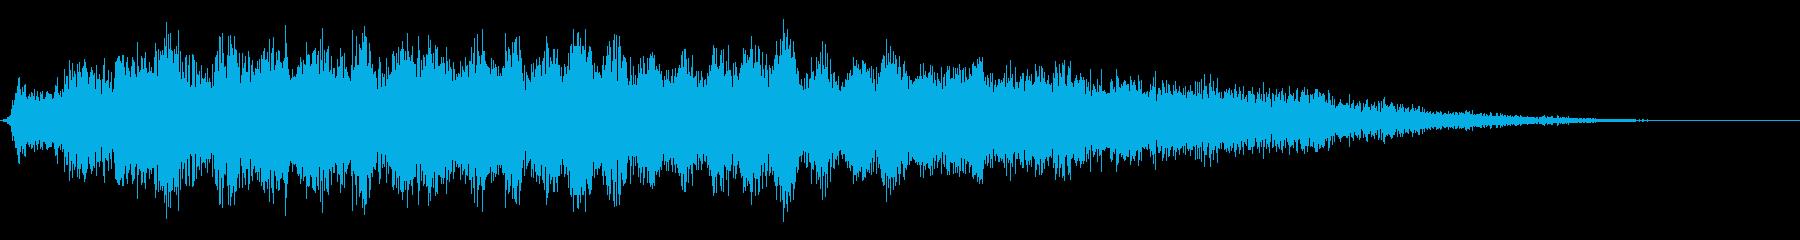 スペイシーメタルリングアクセントの再生済みの波形